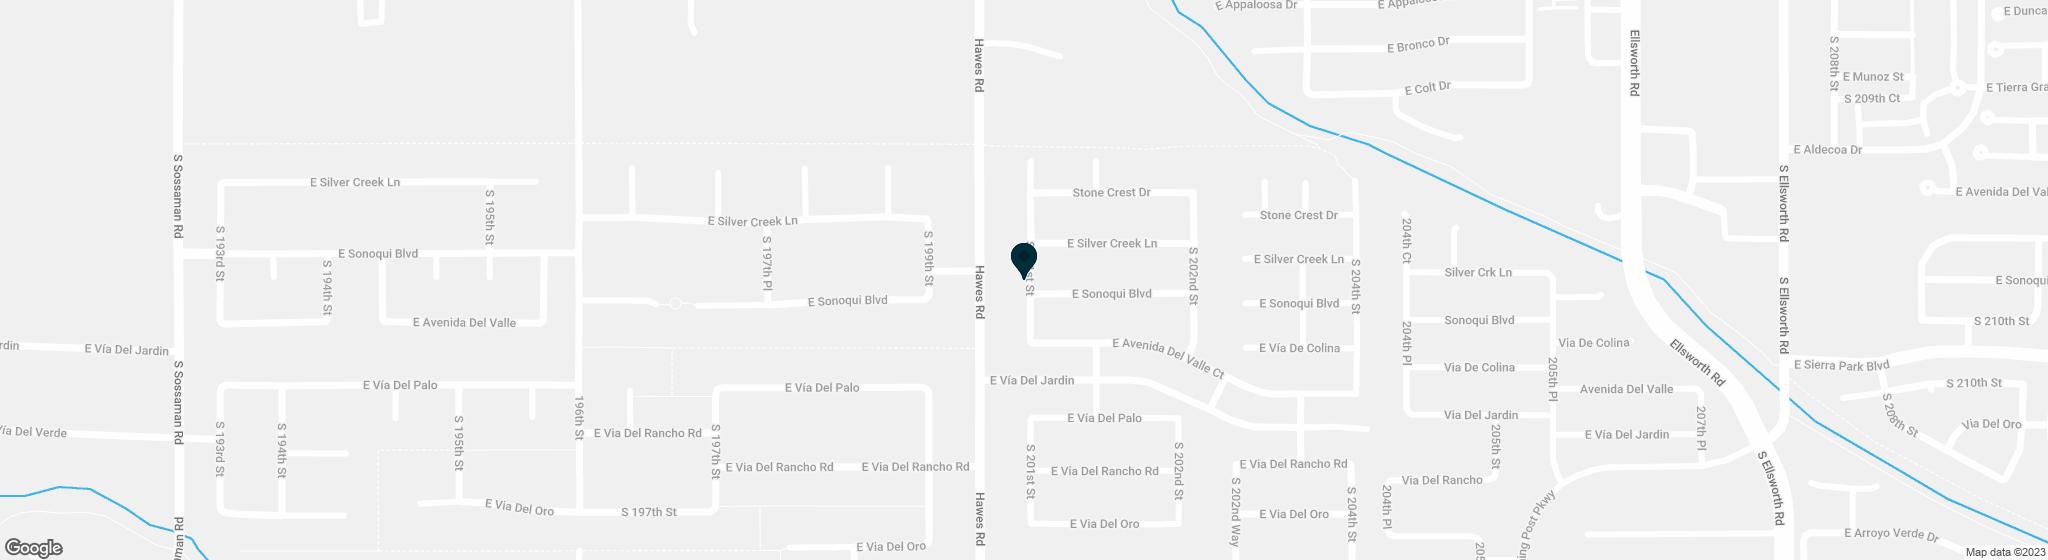 22918 E SONOQUI Boulevard Queen Creek AZ 85142